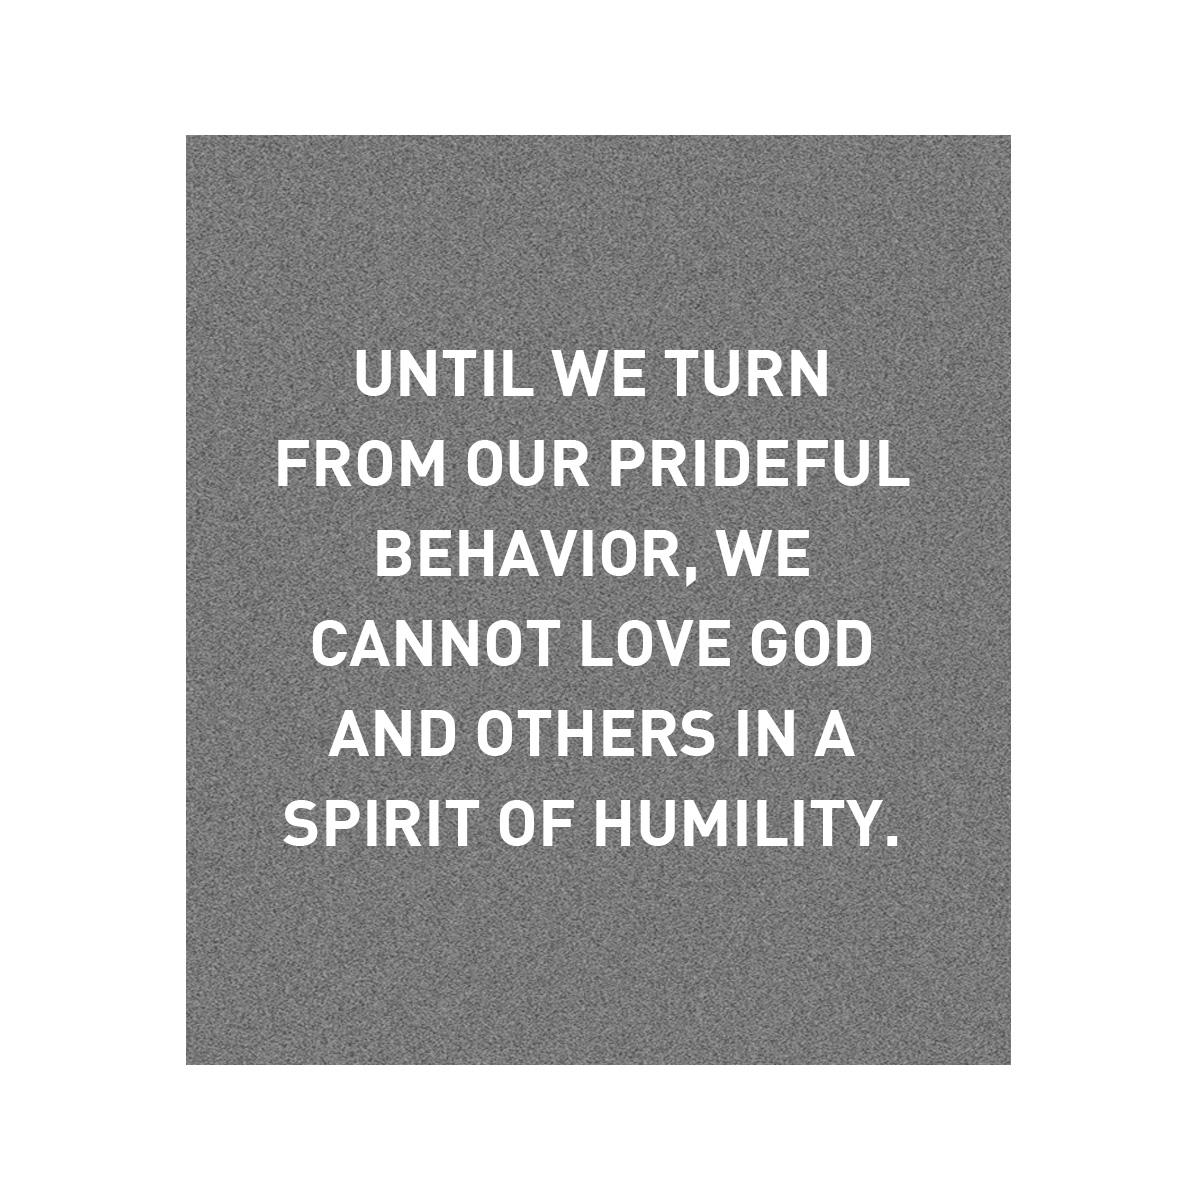 Devo Relationships 8.22